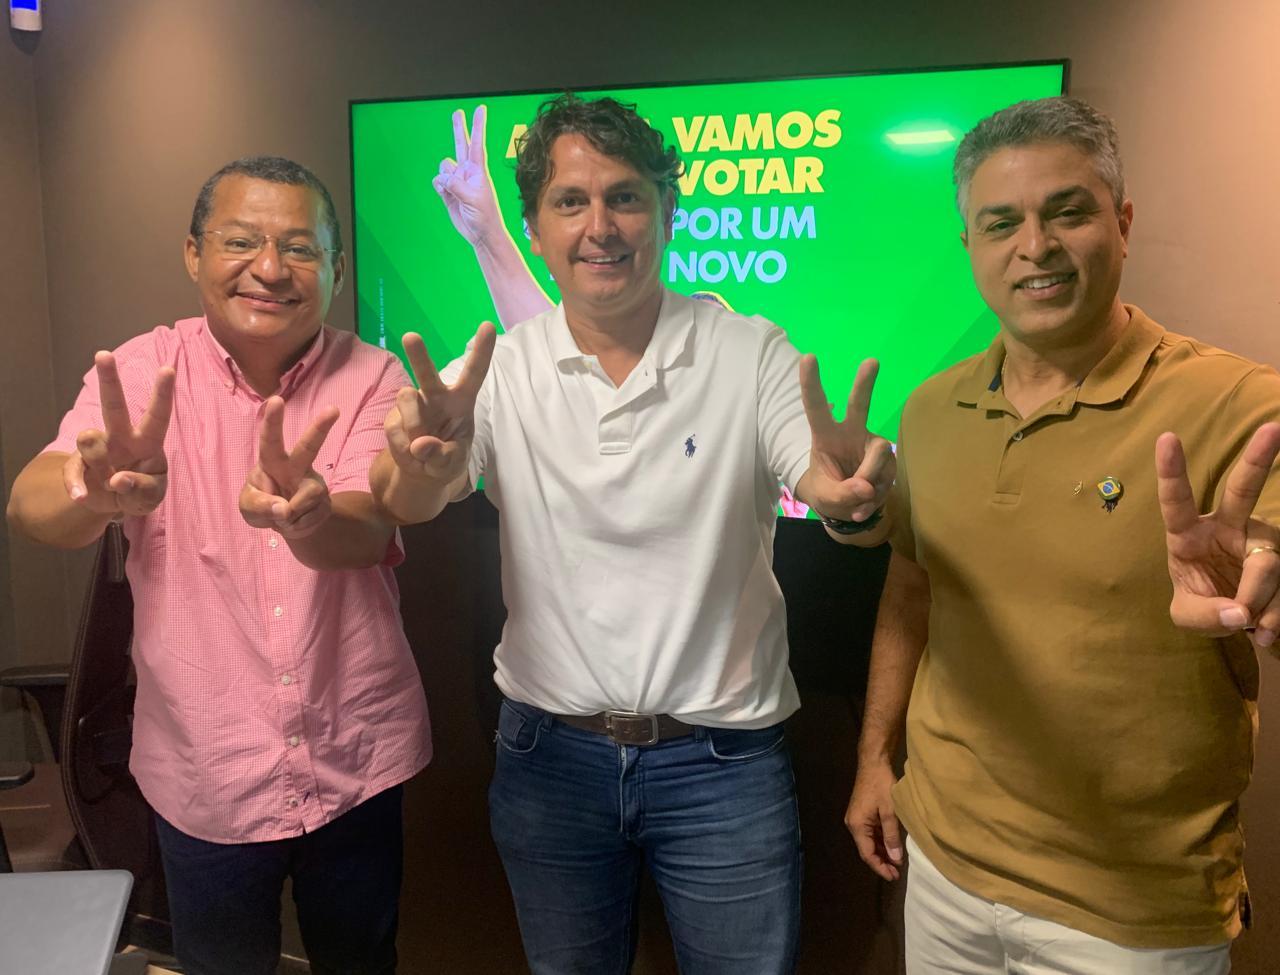 8addb869 872e 4dd6 817d c14f33f69264 - Diretor da Funjope, Maurício Burity declara apoio a Nilvan Ferreira no segundo turno